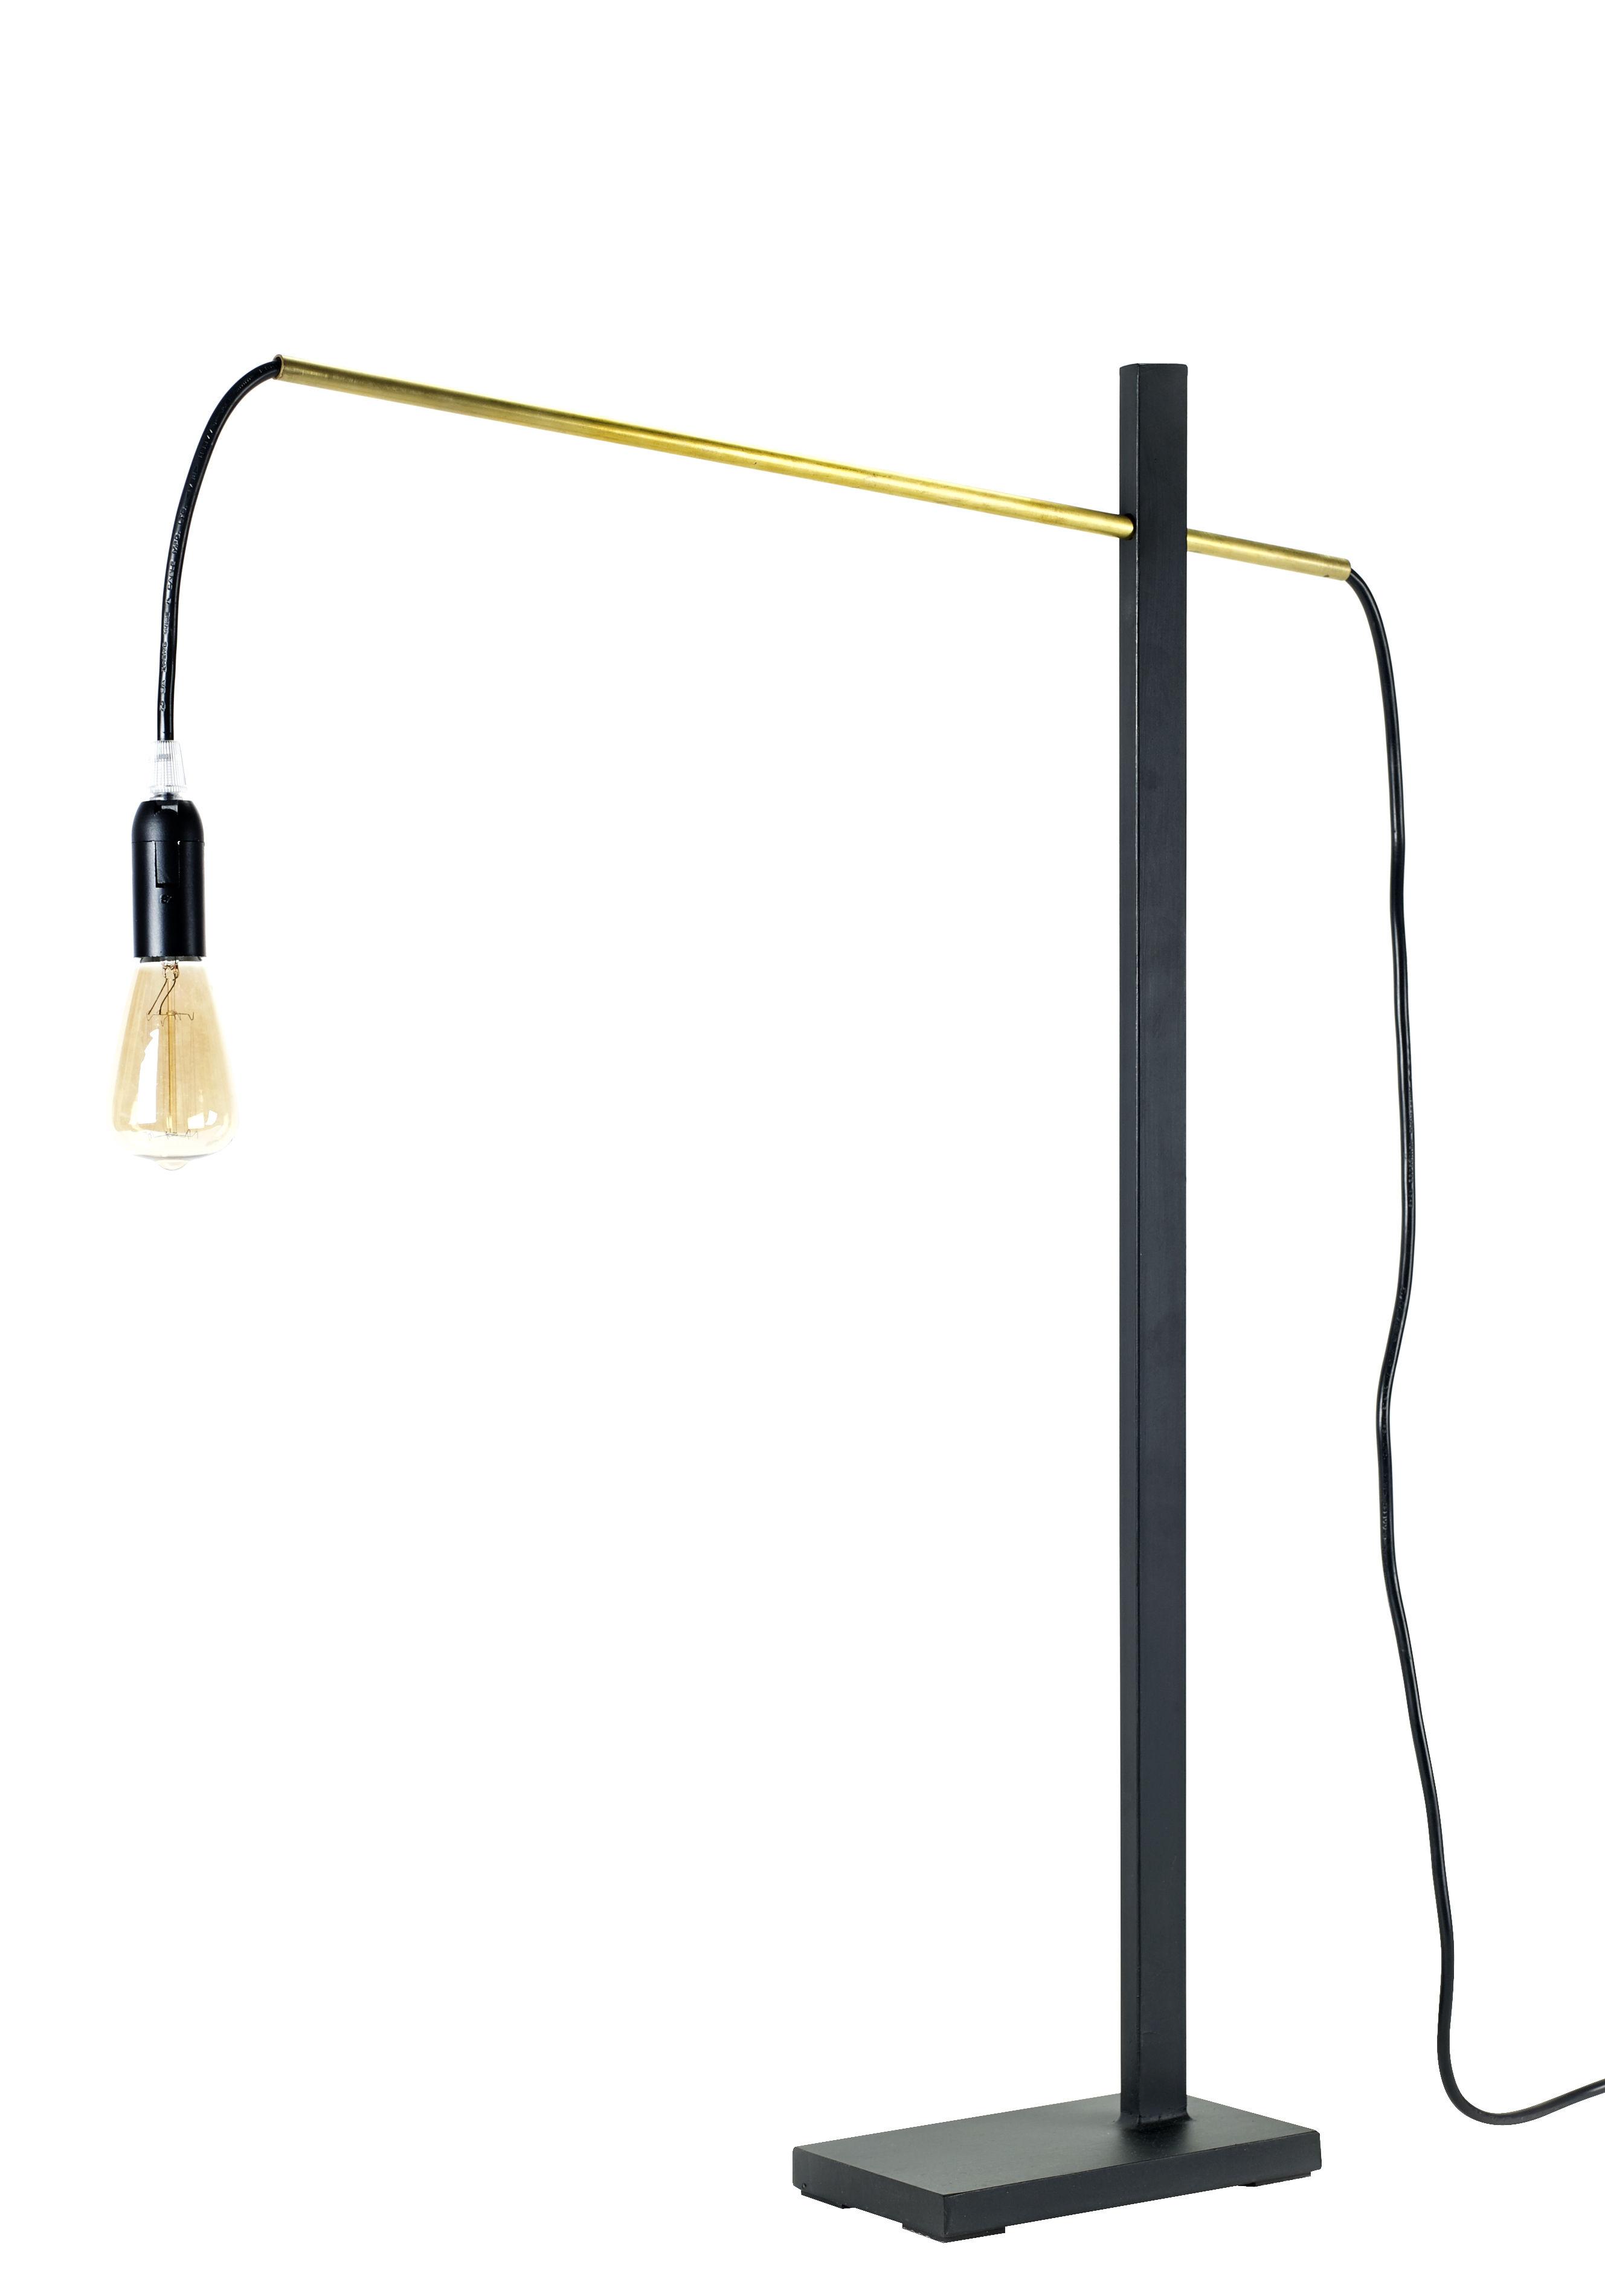 Luminaire - Lampes de table - Lampe à poser Flamingo Small / H 73 cm - L 50 cm - Serax - Noir / Tube cuivre - Fer